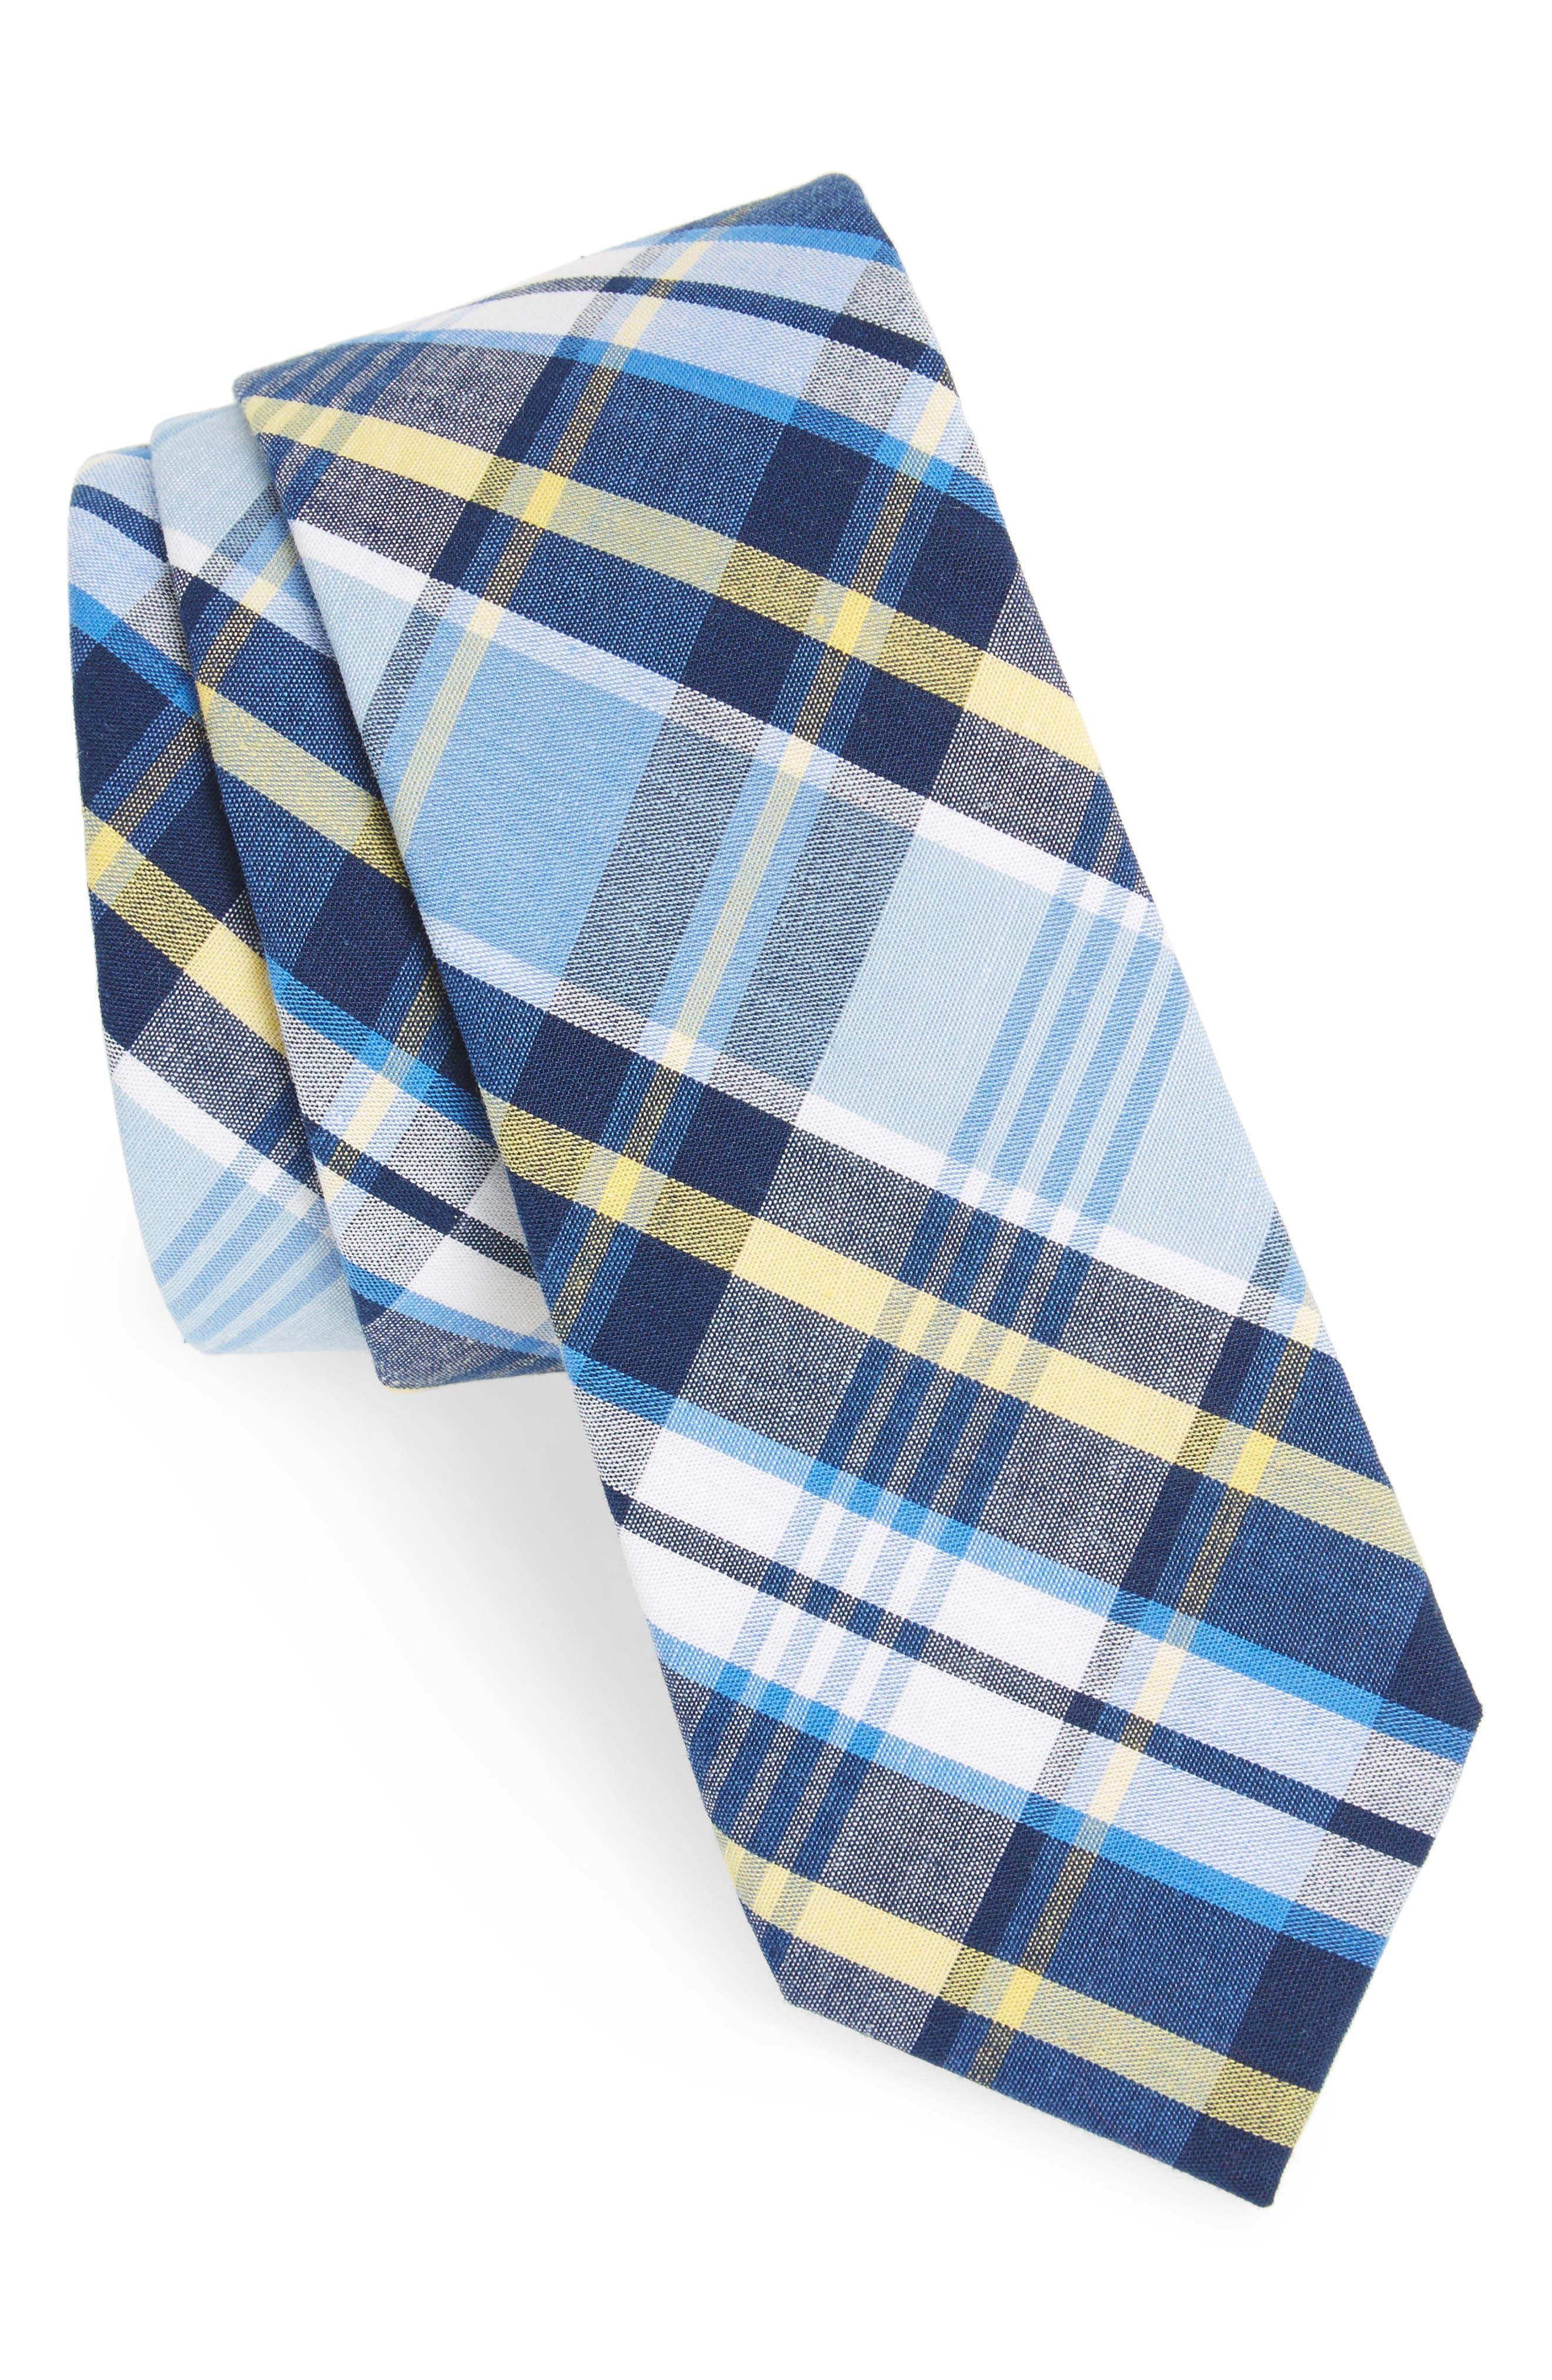 Sean Plaid Cotton Tie,                             Main thumbnail 1, color,